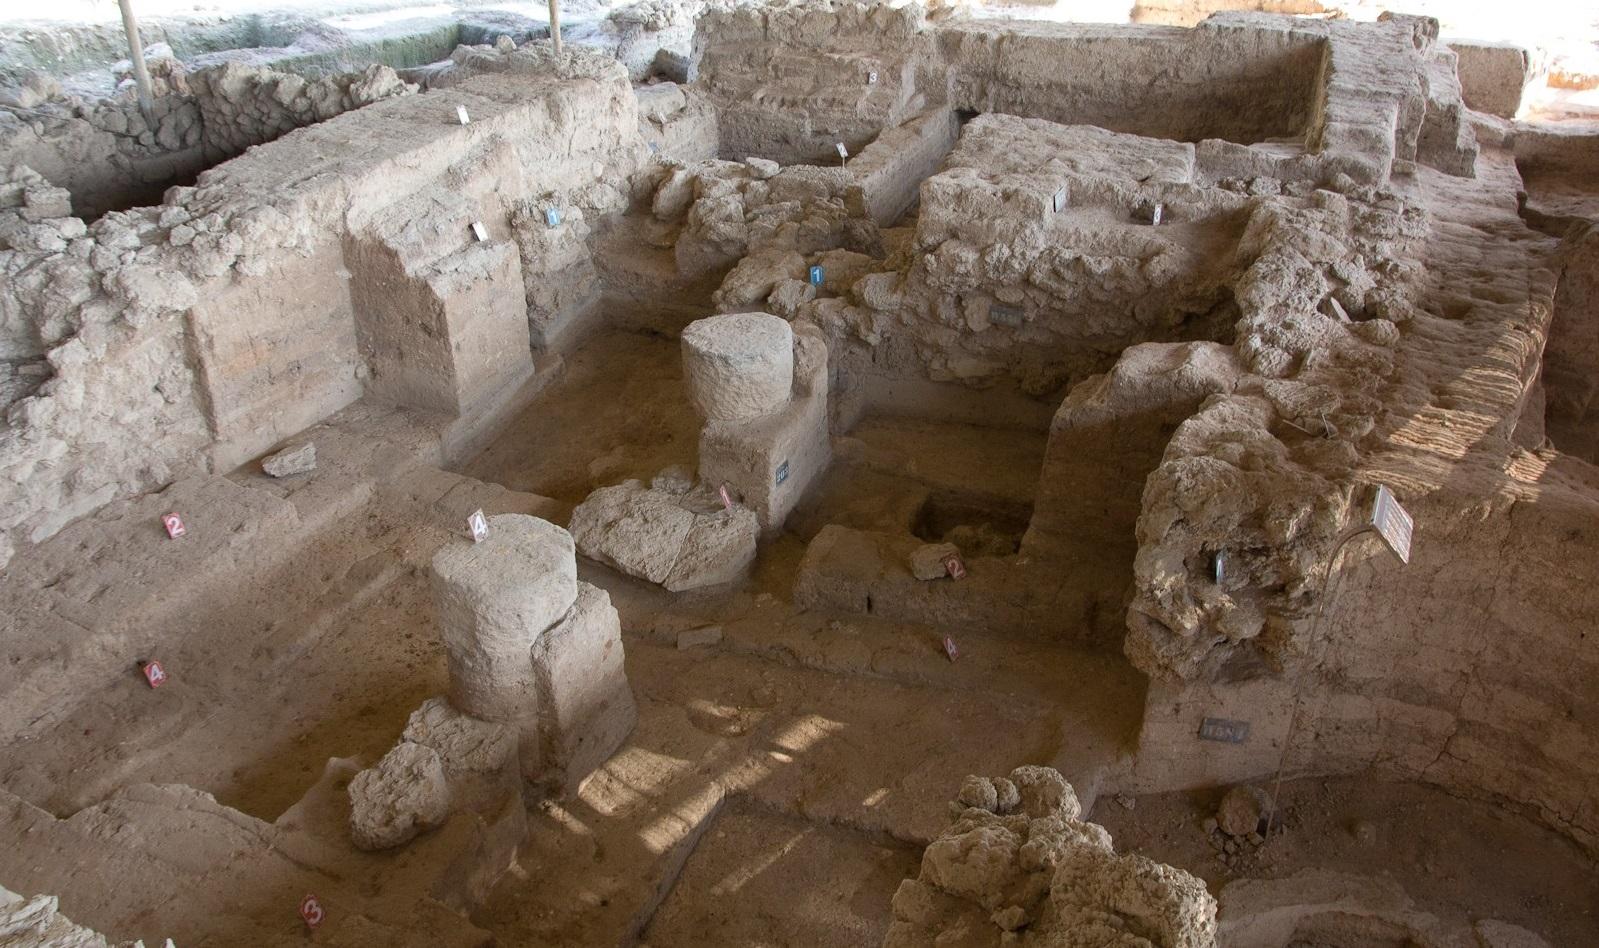 上图:主前12世纪Tell Qasile非利士神庙中的两根柱子基石。这是1972年在特拉维夫Yarkon河北岸Tell Qasile遗址发现的非利士神庙,由前厅和大厅组成。大厅的中间由两根木柱支撑,木柱设置在两个圆形的基石上。两根柱子之间的距离大约是6英尺,正好是一个成年人伸手可及。